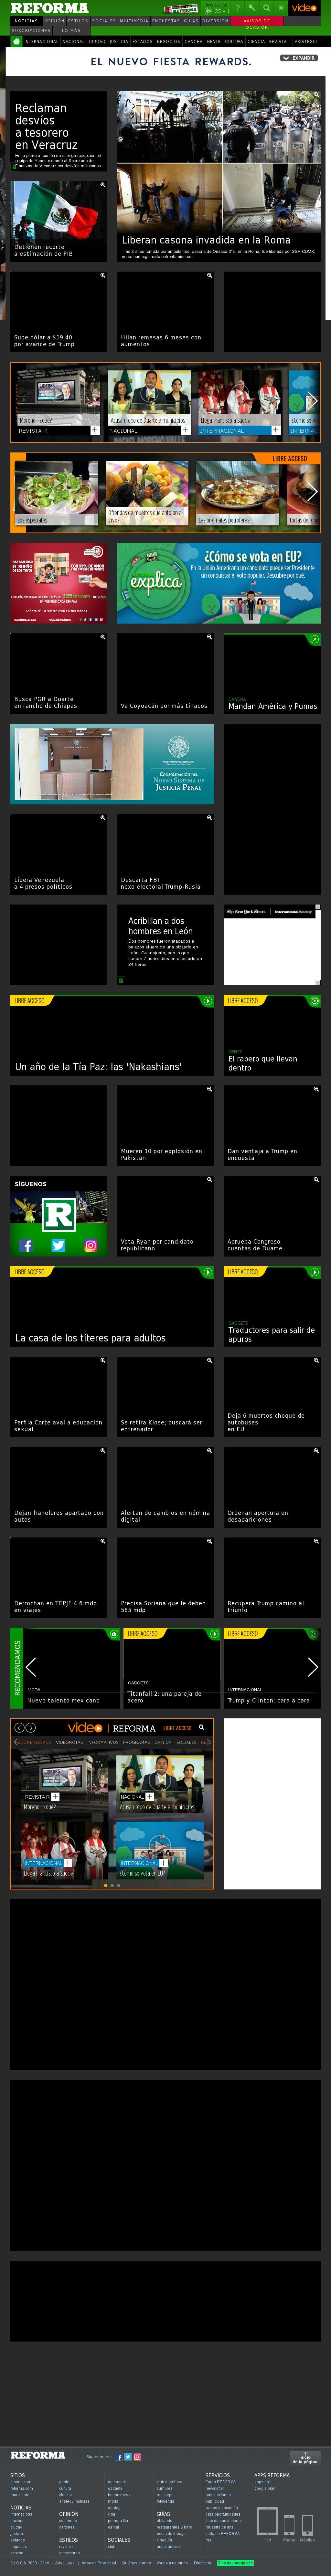 Reforma.com at Tuesday Nov. 1, 2016, 6:15 p.m. UTC